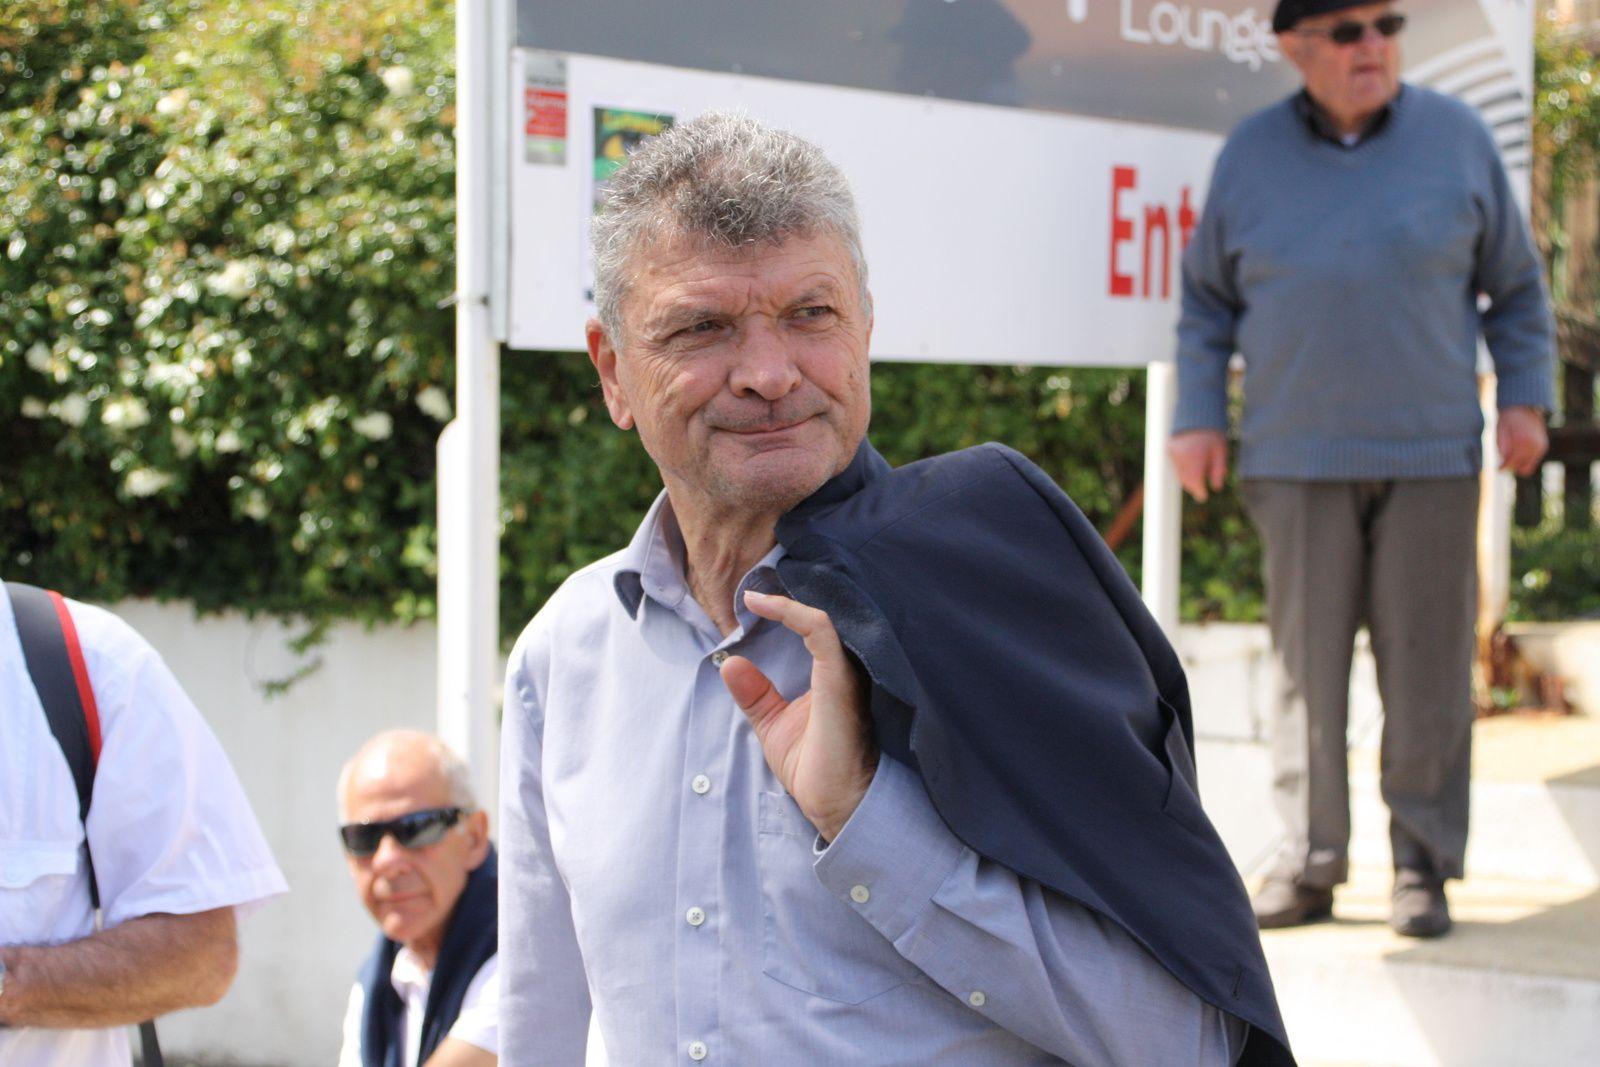 Bernard  THEVENET  était  présent  toute  la  journée, il  à  même  fait  un  tour  de  circuit  avec  certains  coureurs, et  répondu  aux  questions  d'Alain  LAGARDE, France 3  et  Demoiselle FM.